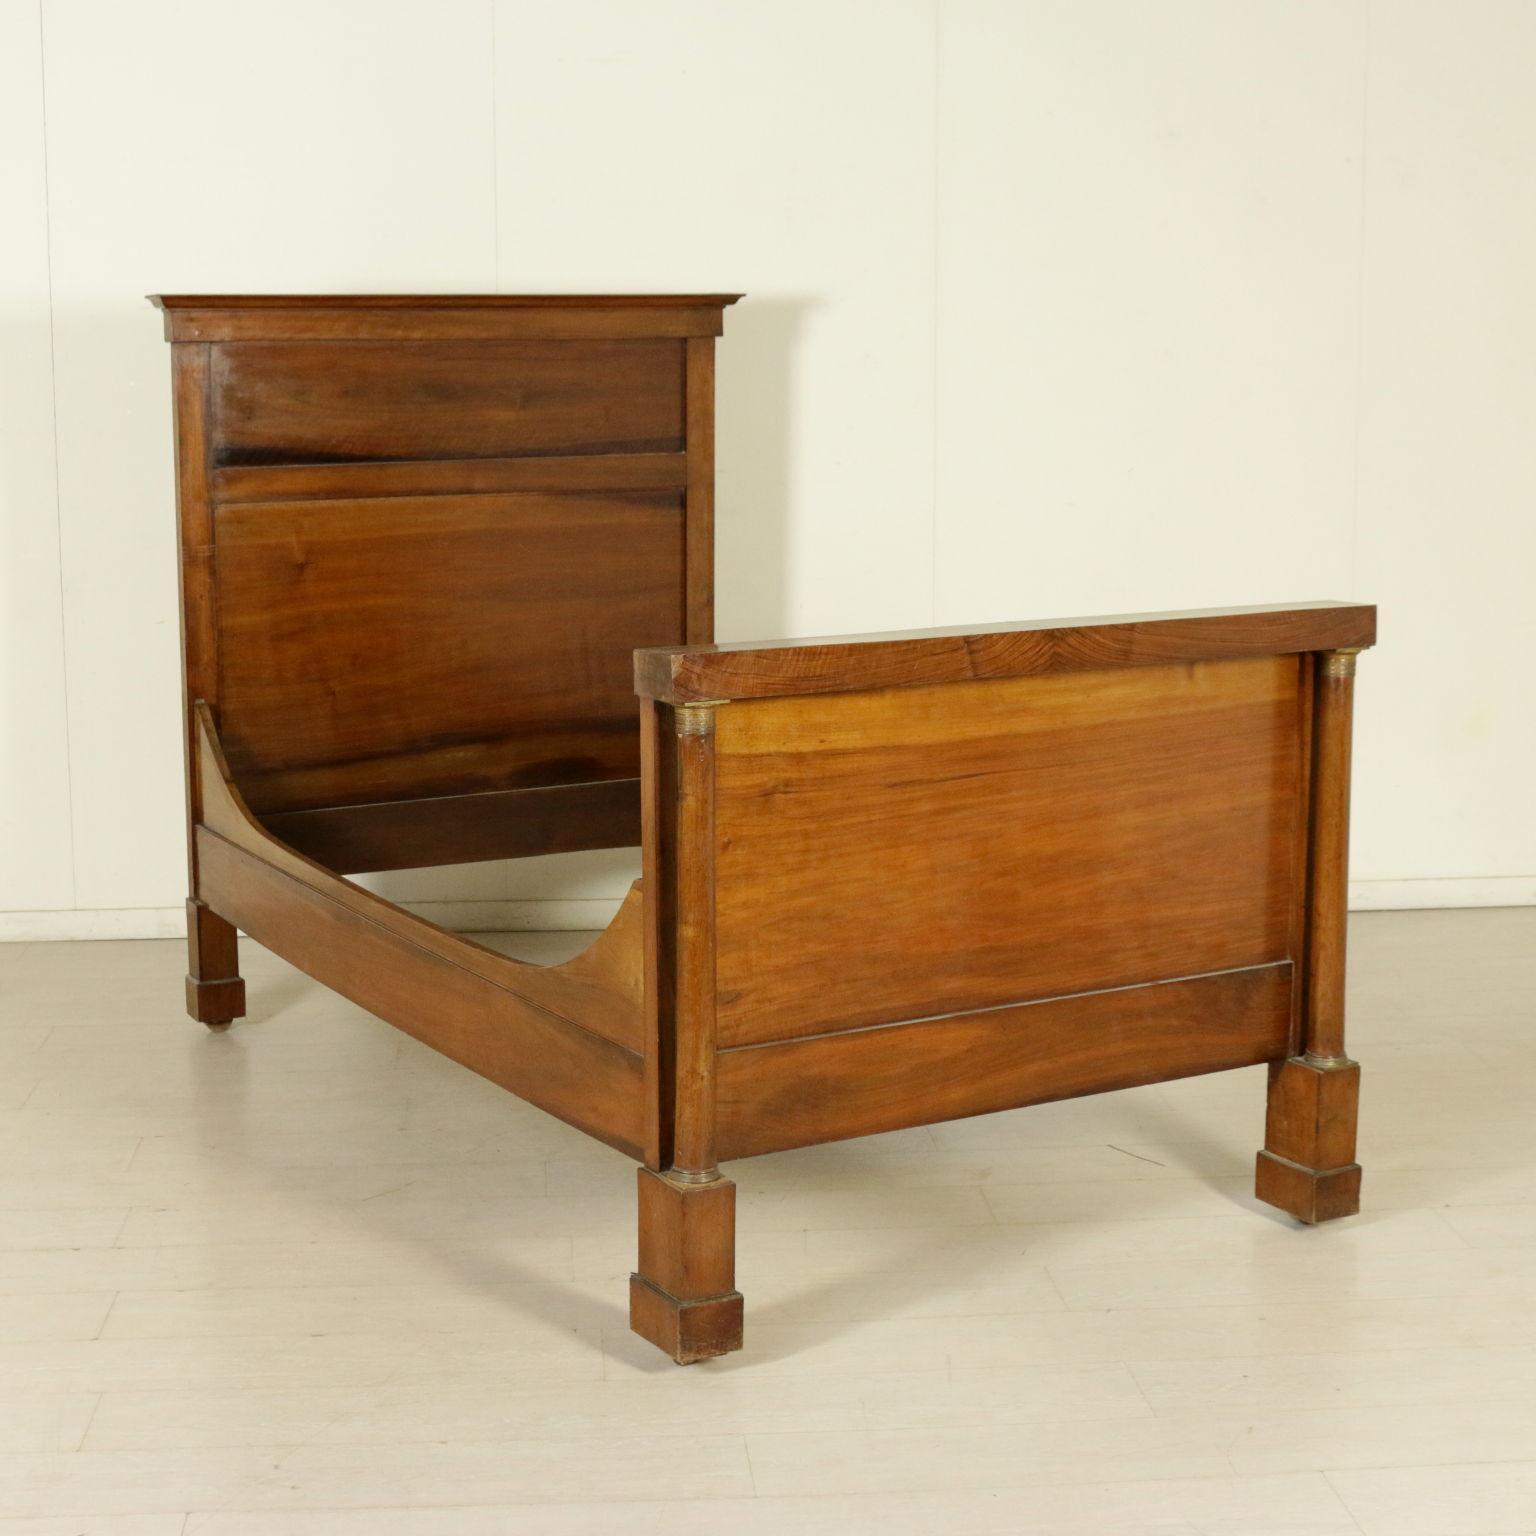 Testate letto singolo 28 images testate letto singolo in legno dal design in stile shabby - Testate letto shabby ...